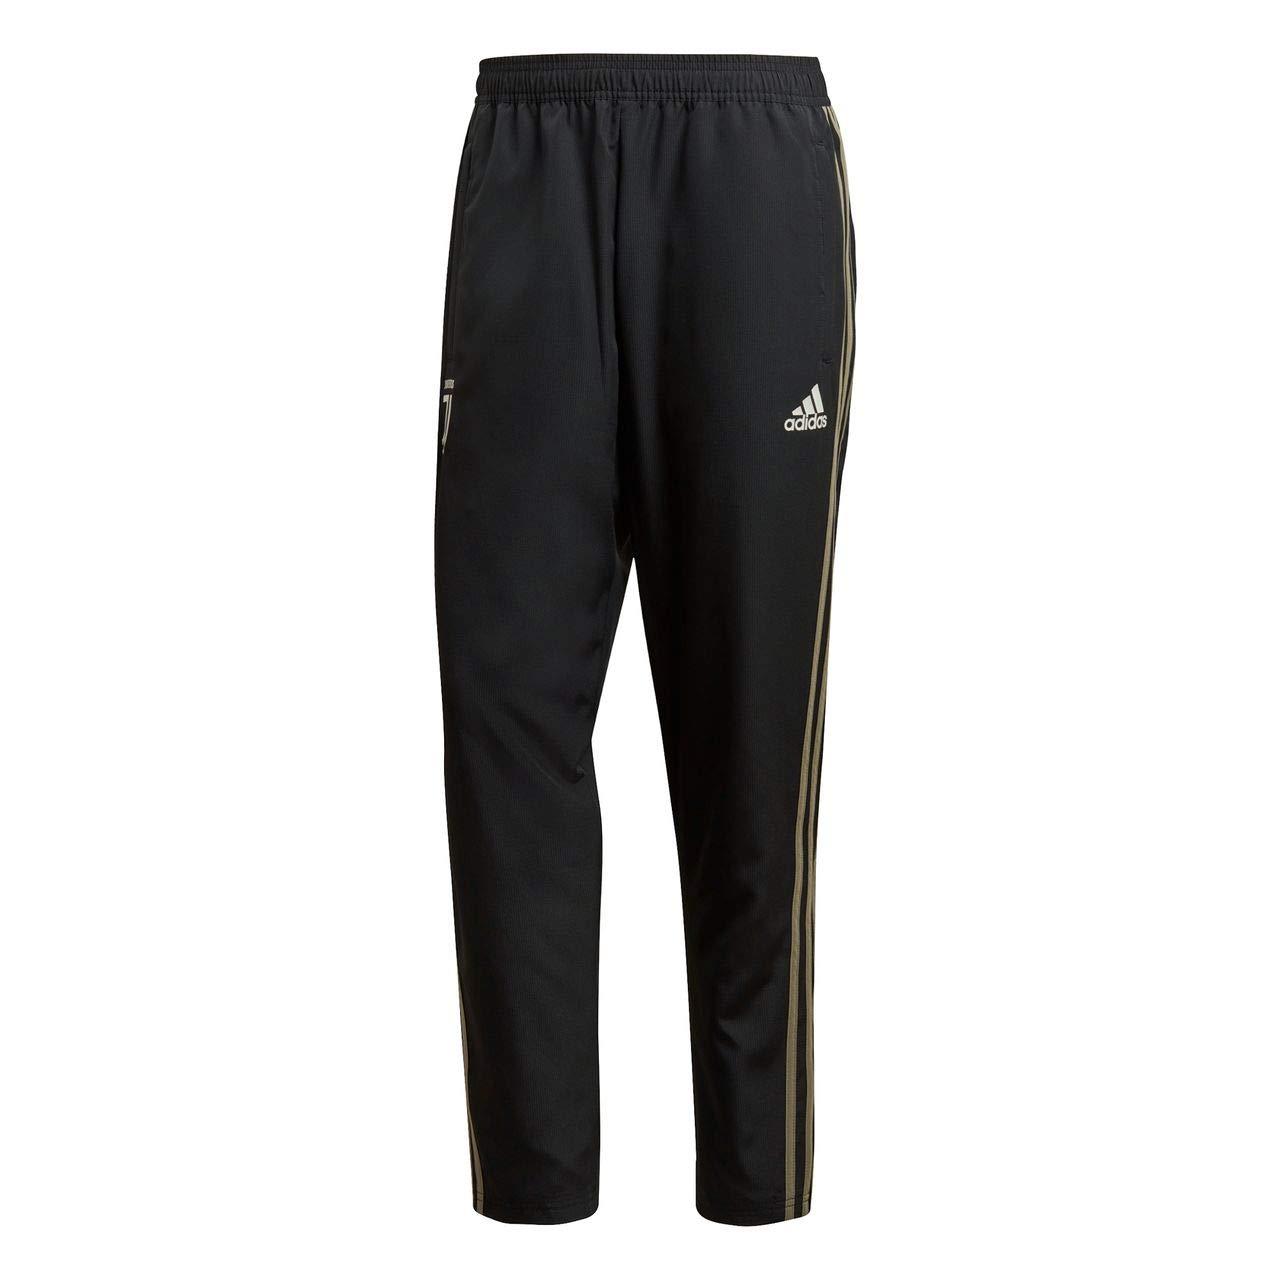 Adidas Juventus Downtime Herren Hose